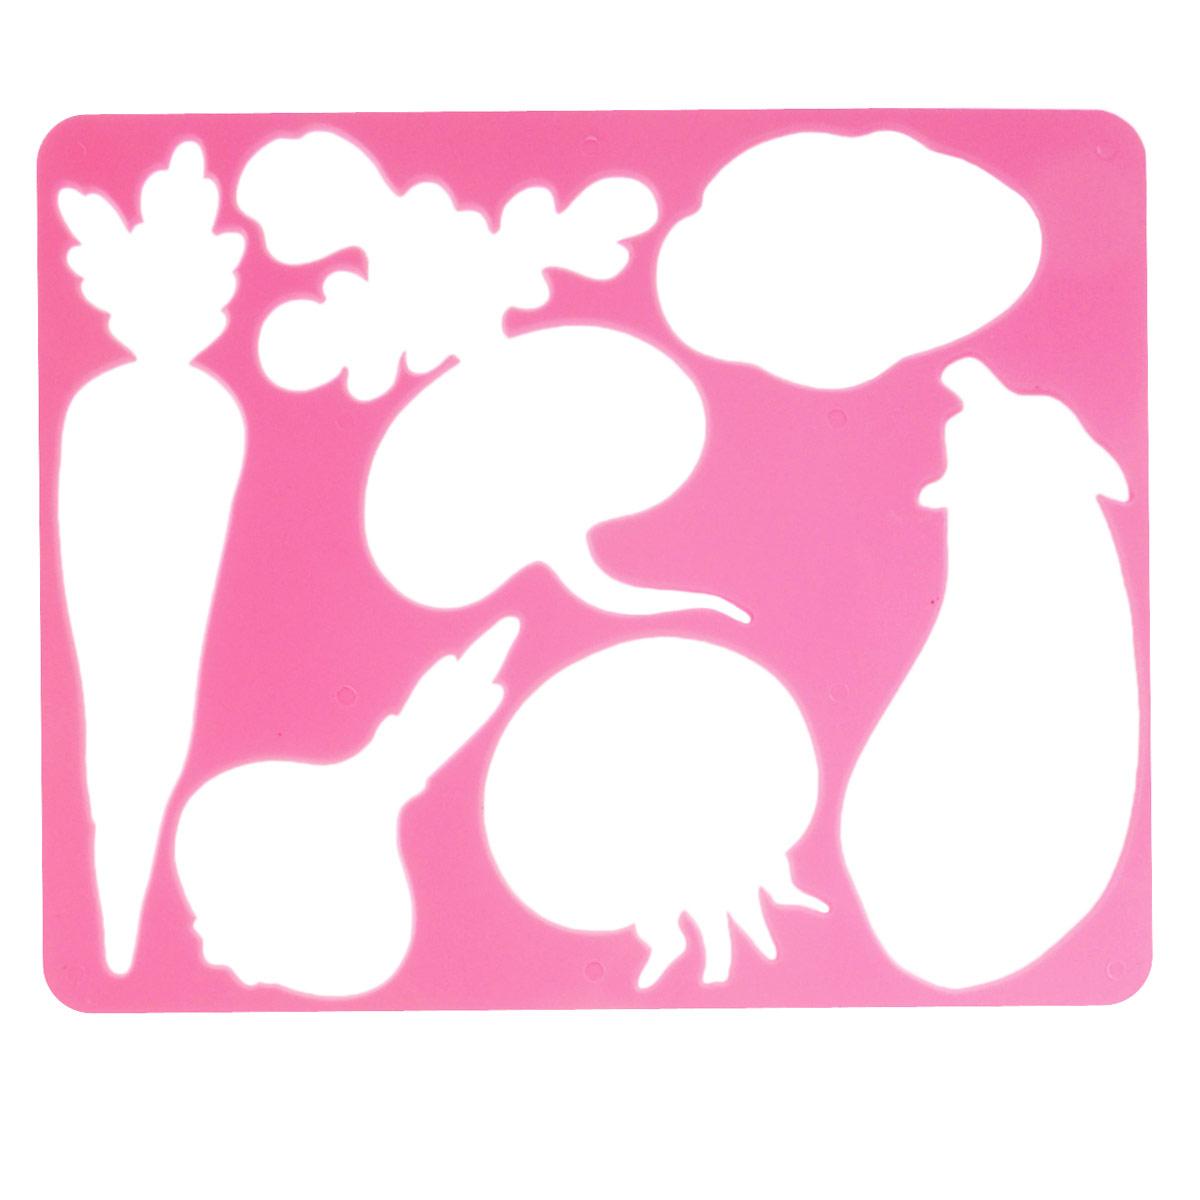 Трафарет Овощи, цвет: розовыйC07643_св.розовыйТрафарет Овощи идеально подойдет для изготовления открыток, приглашений и других оригинальных изделий. Комплект состоит из трафарета и бумажной основы с изображениями овощей.